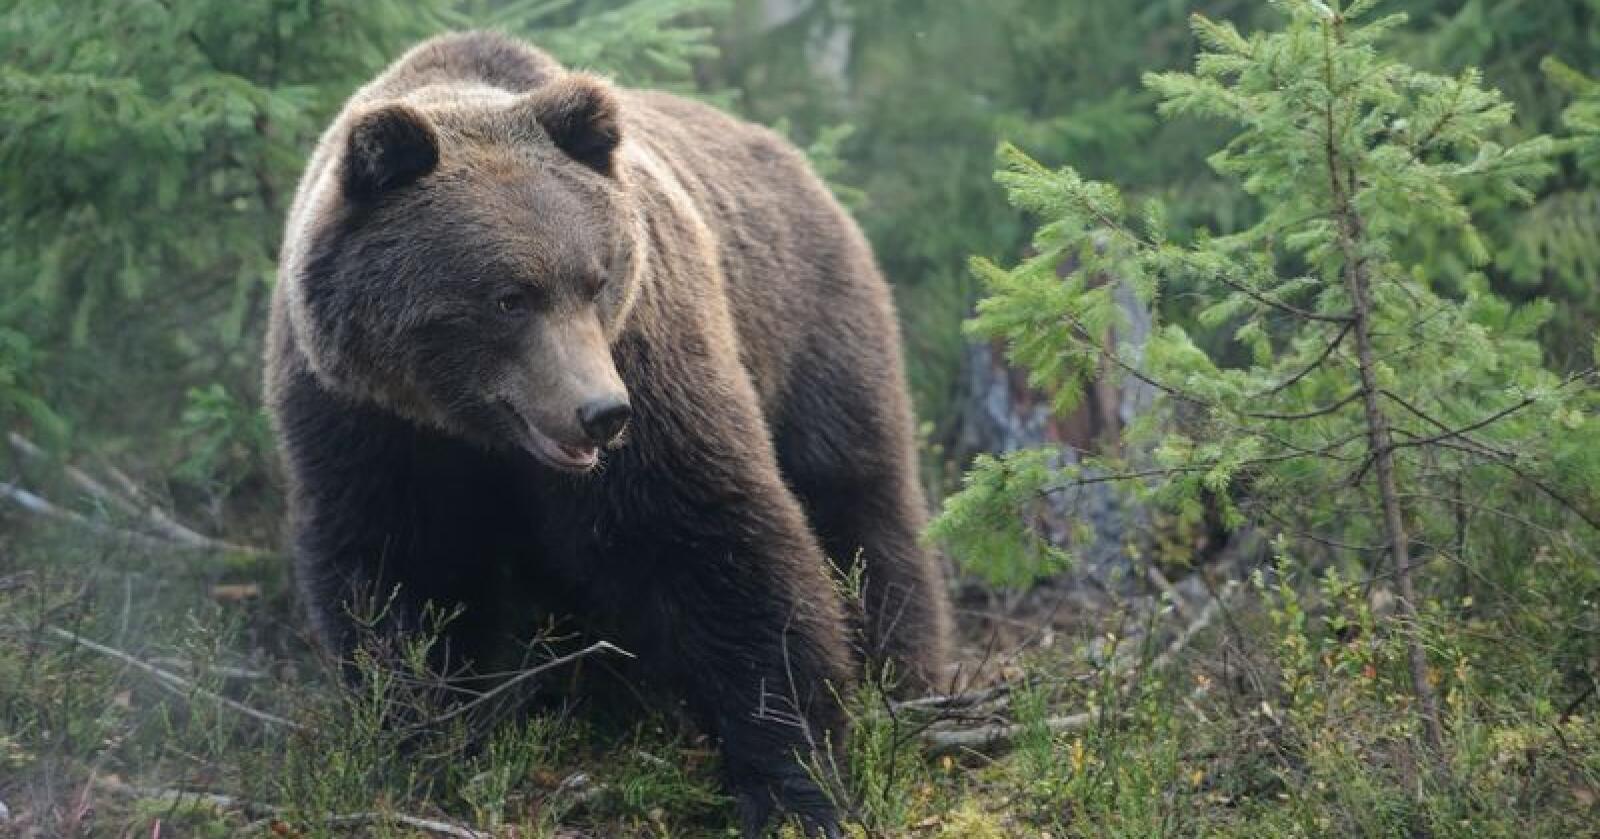 I 2019 ble det påvist minst 148 brunbjørner i Norge ved hjelp av DNA-analyser. Det er 7 prosent mer enn året før.  På bildet sees brunbjørn fotografert i Finland. Foto: Volodymyr Burdyak, Colourbox